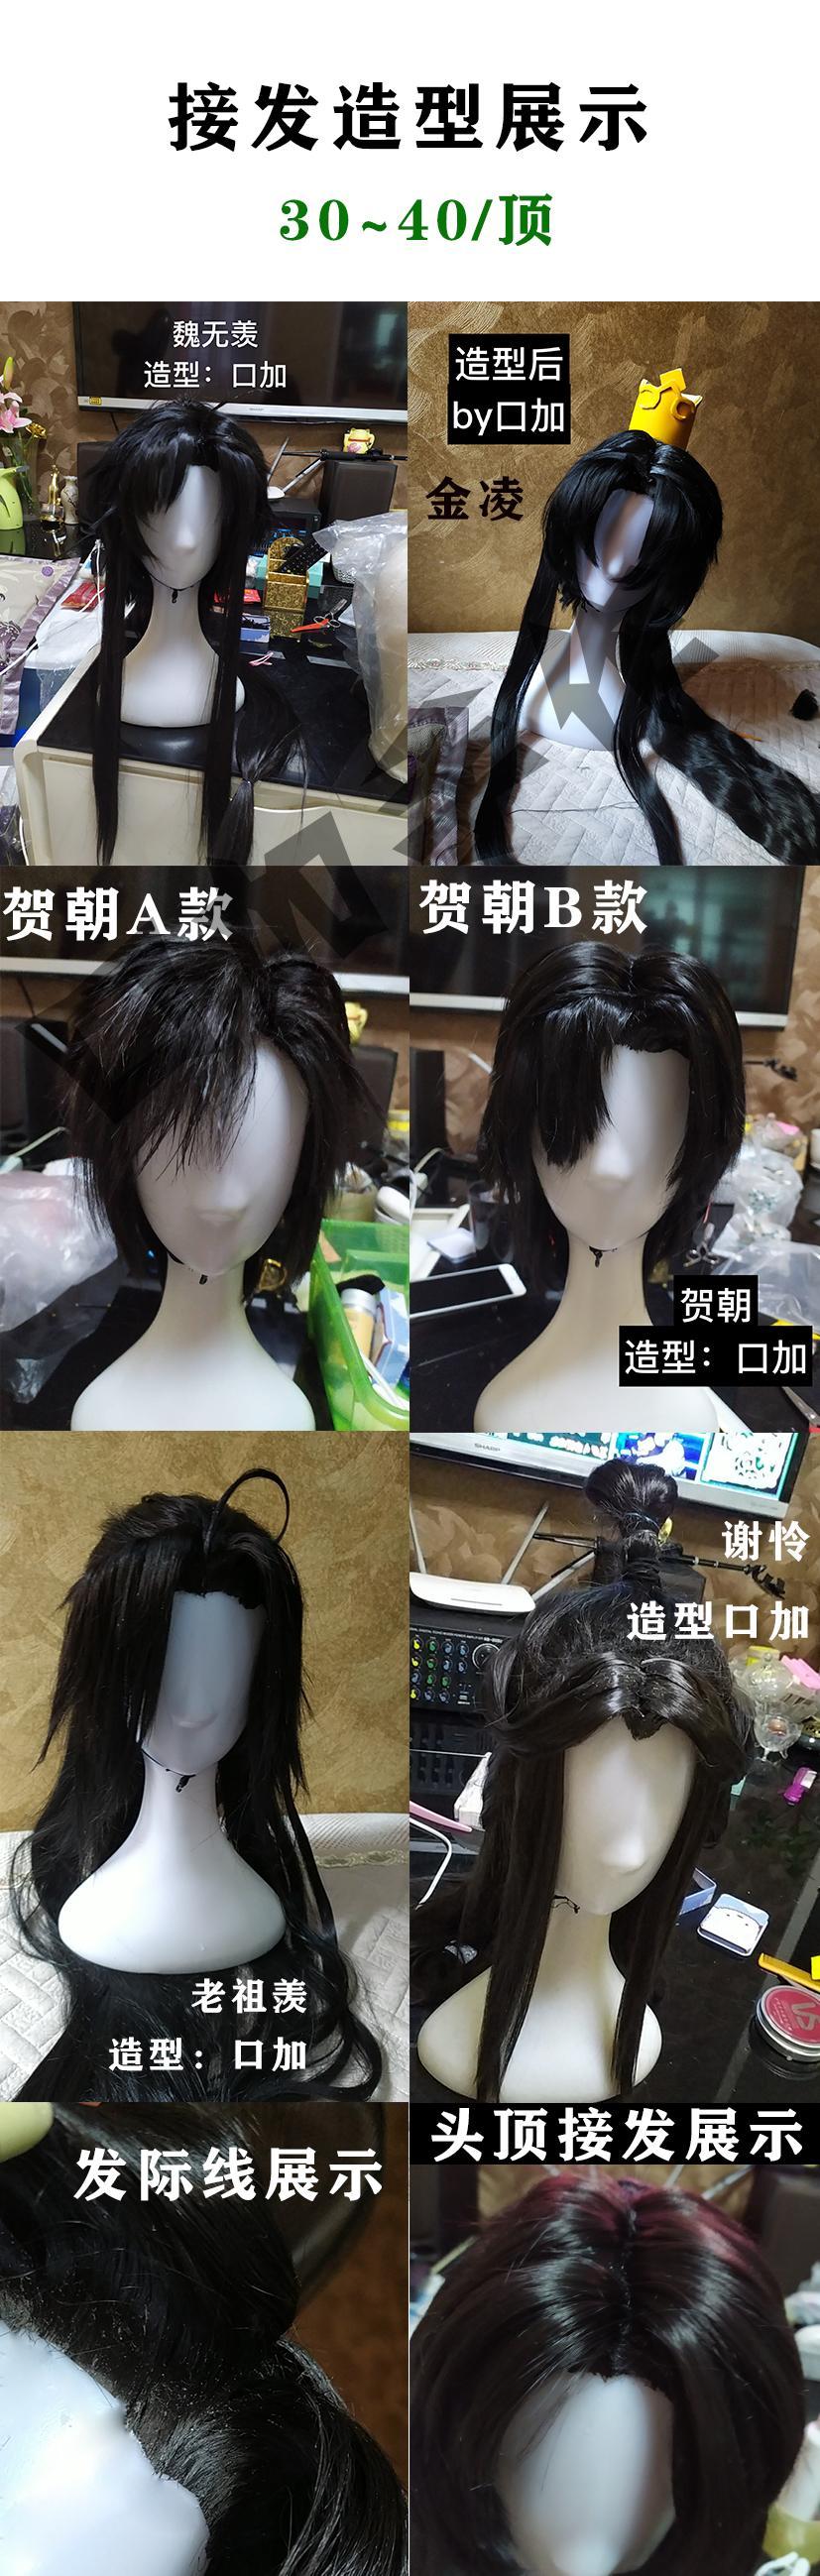 化妆cosplay【CN:江湖称人劳斯口】-第8张